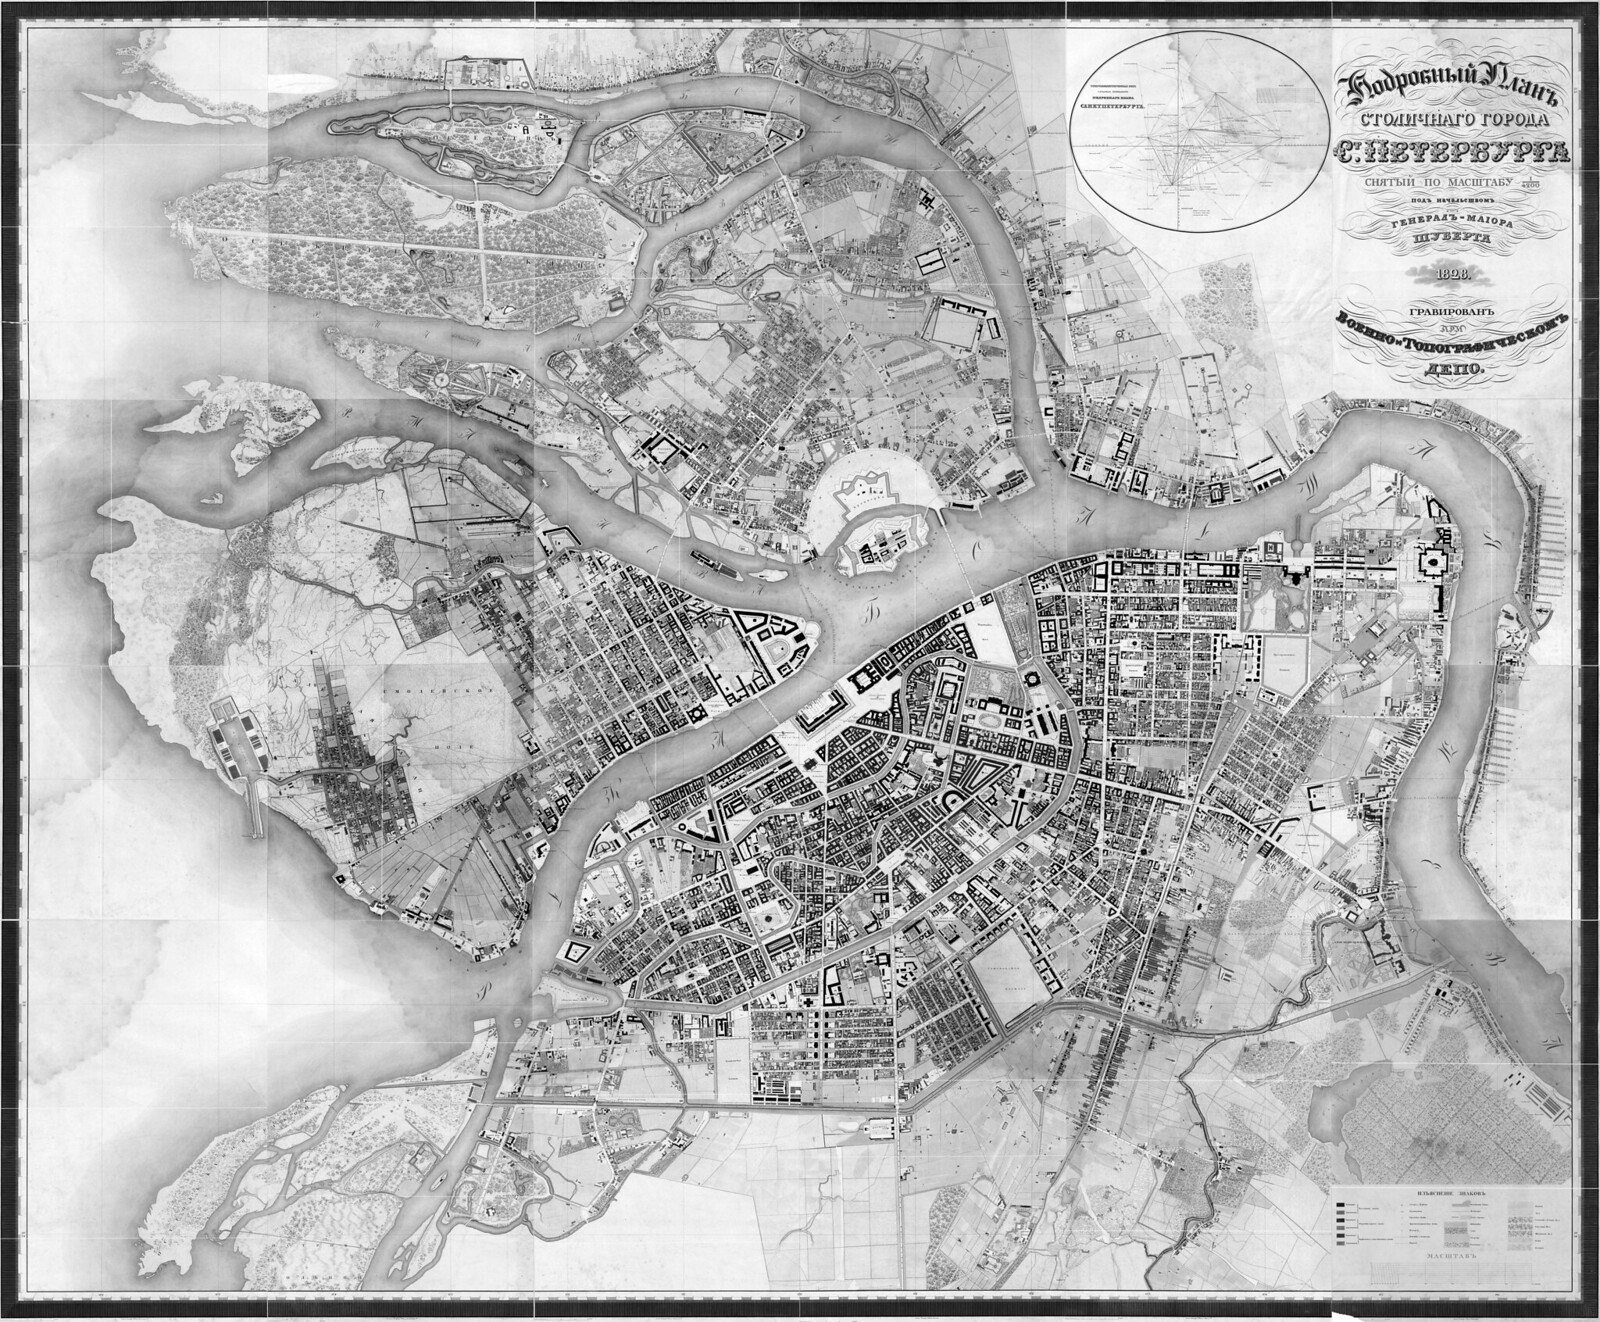 1828. Подробный план столичного города Санкт-Петербурга